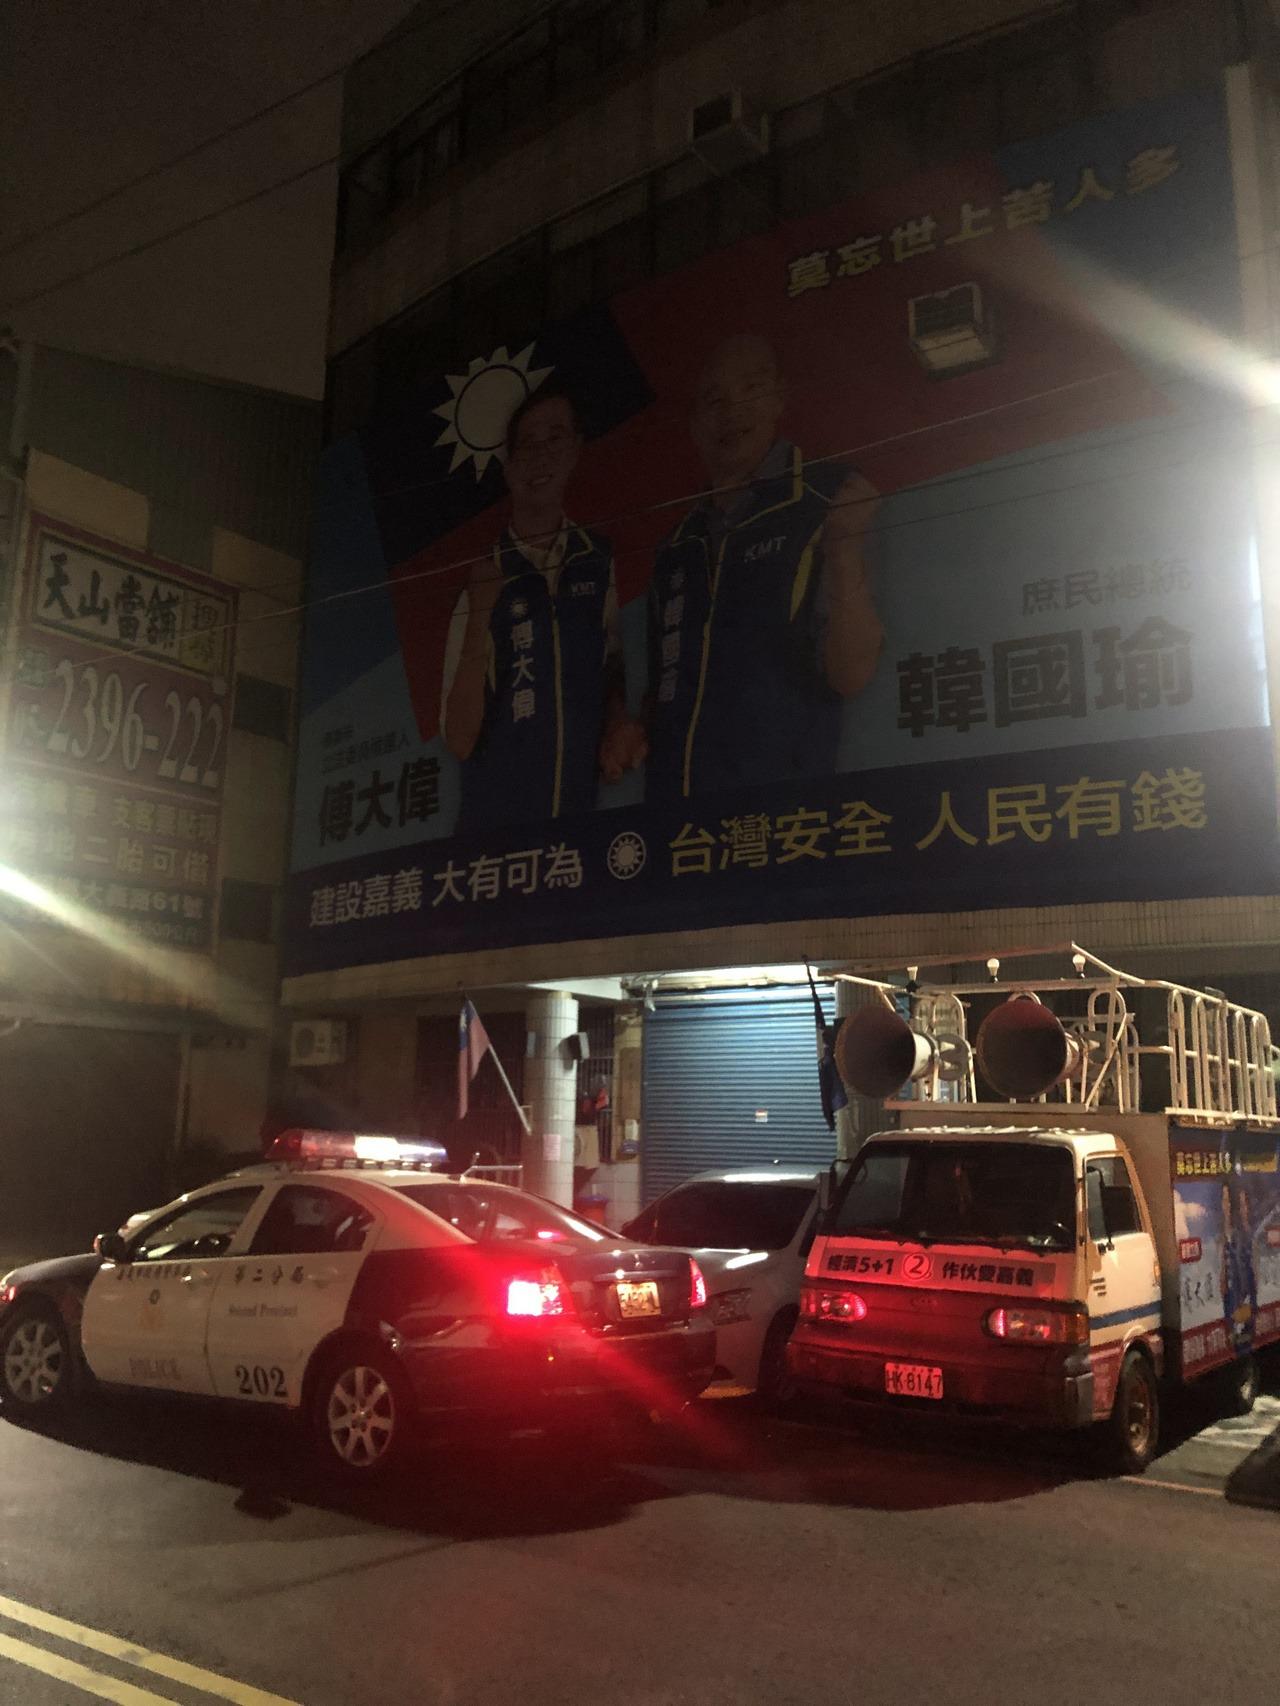 選舉剩不到一百天,嘉義市警局加強在國民黨部巡邏。記者李承穎/攝影